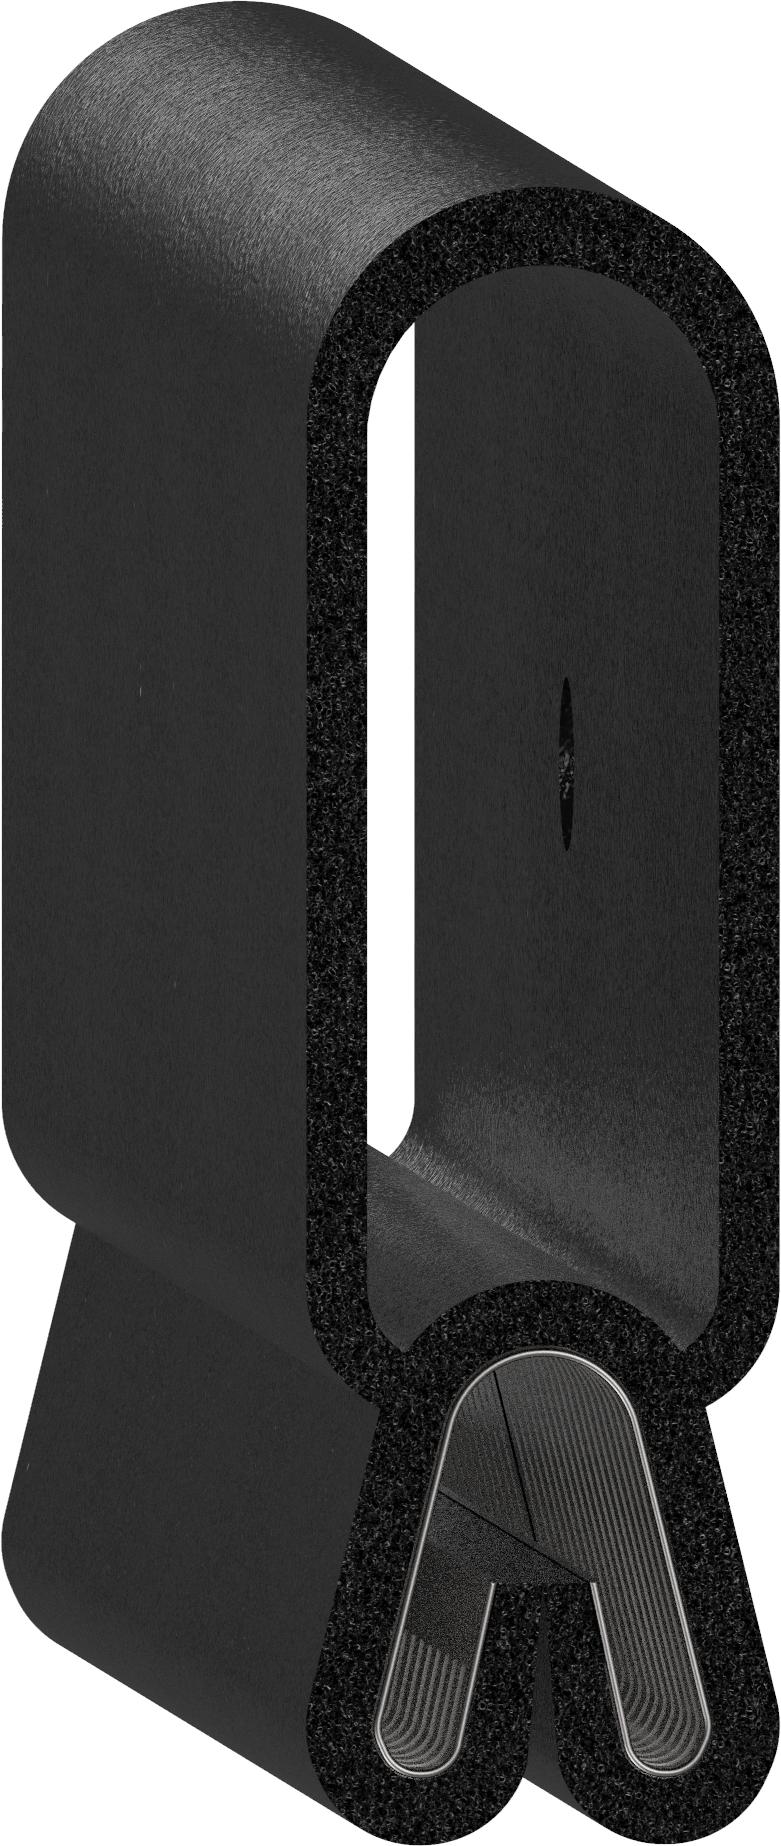 Uni-Grip part: SD-169